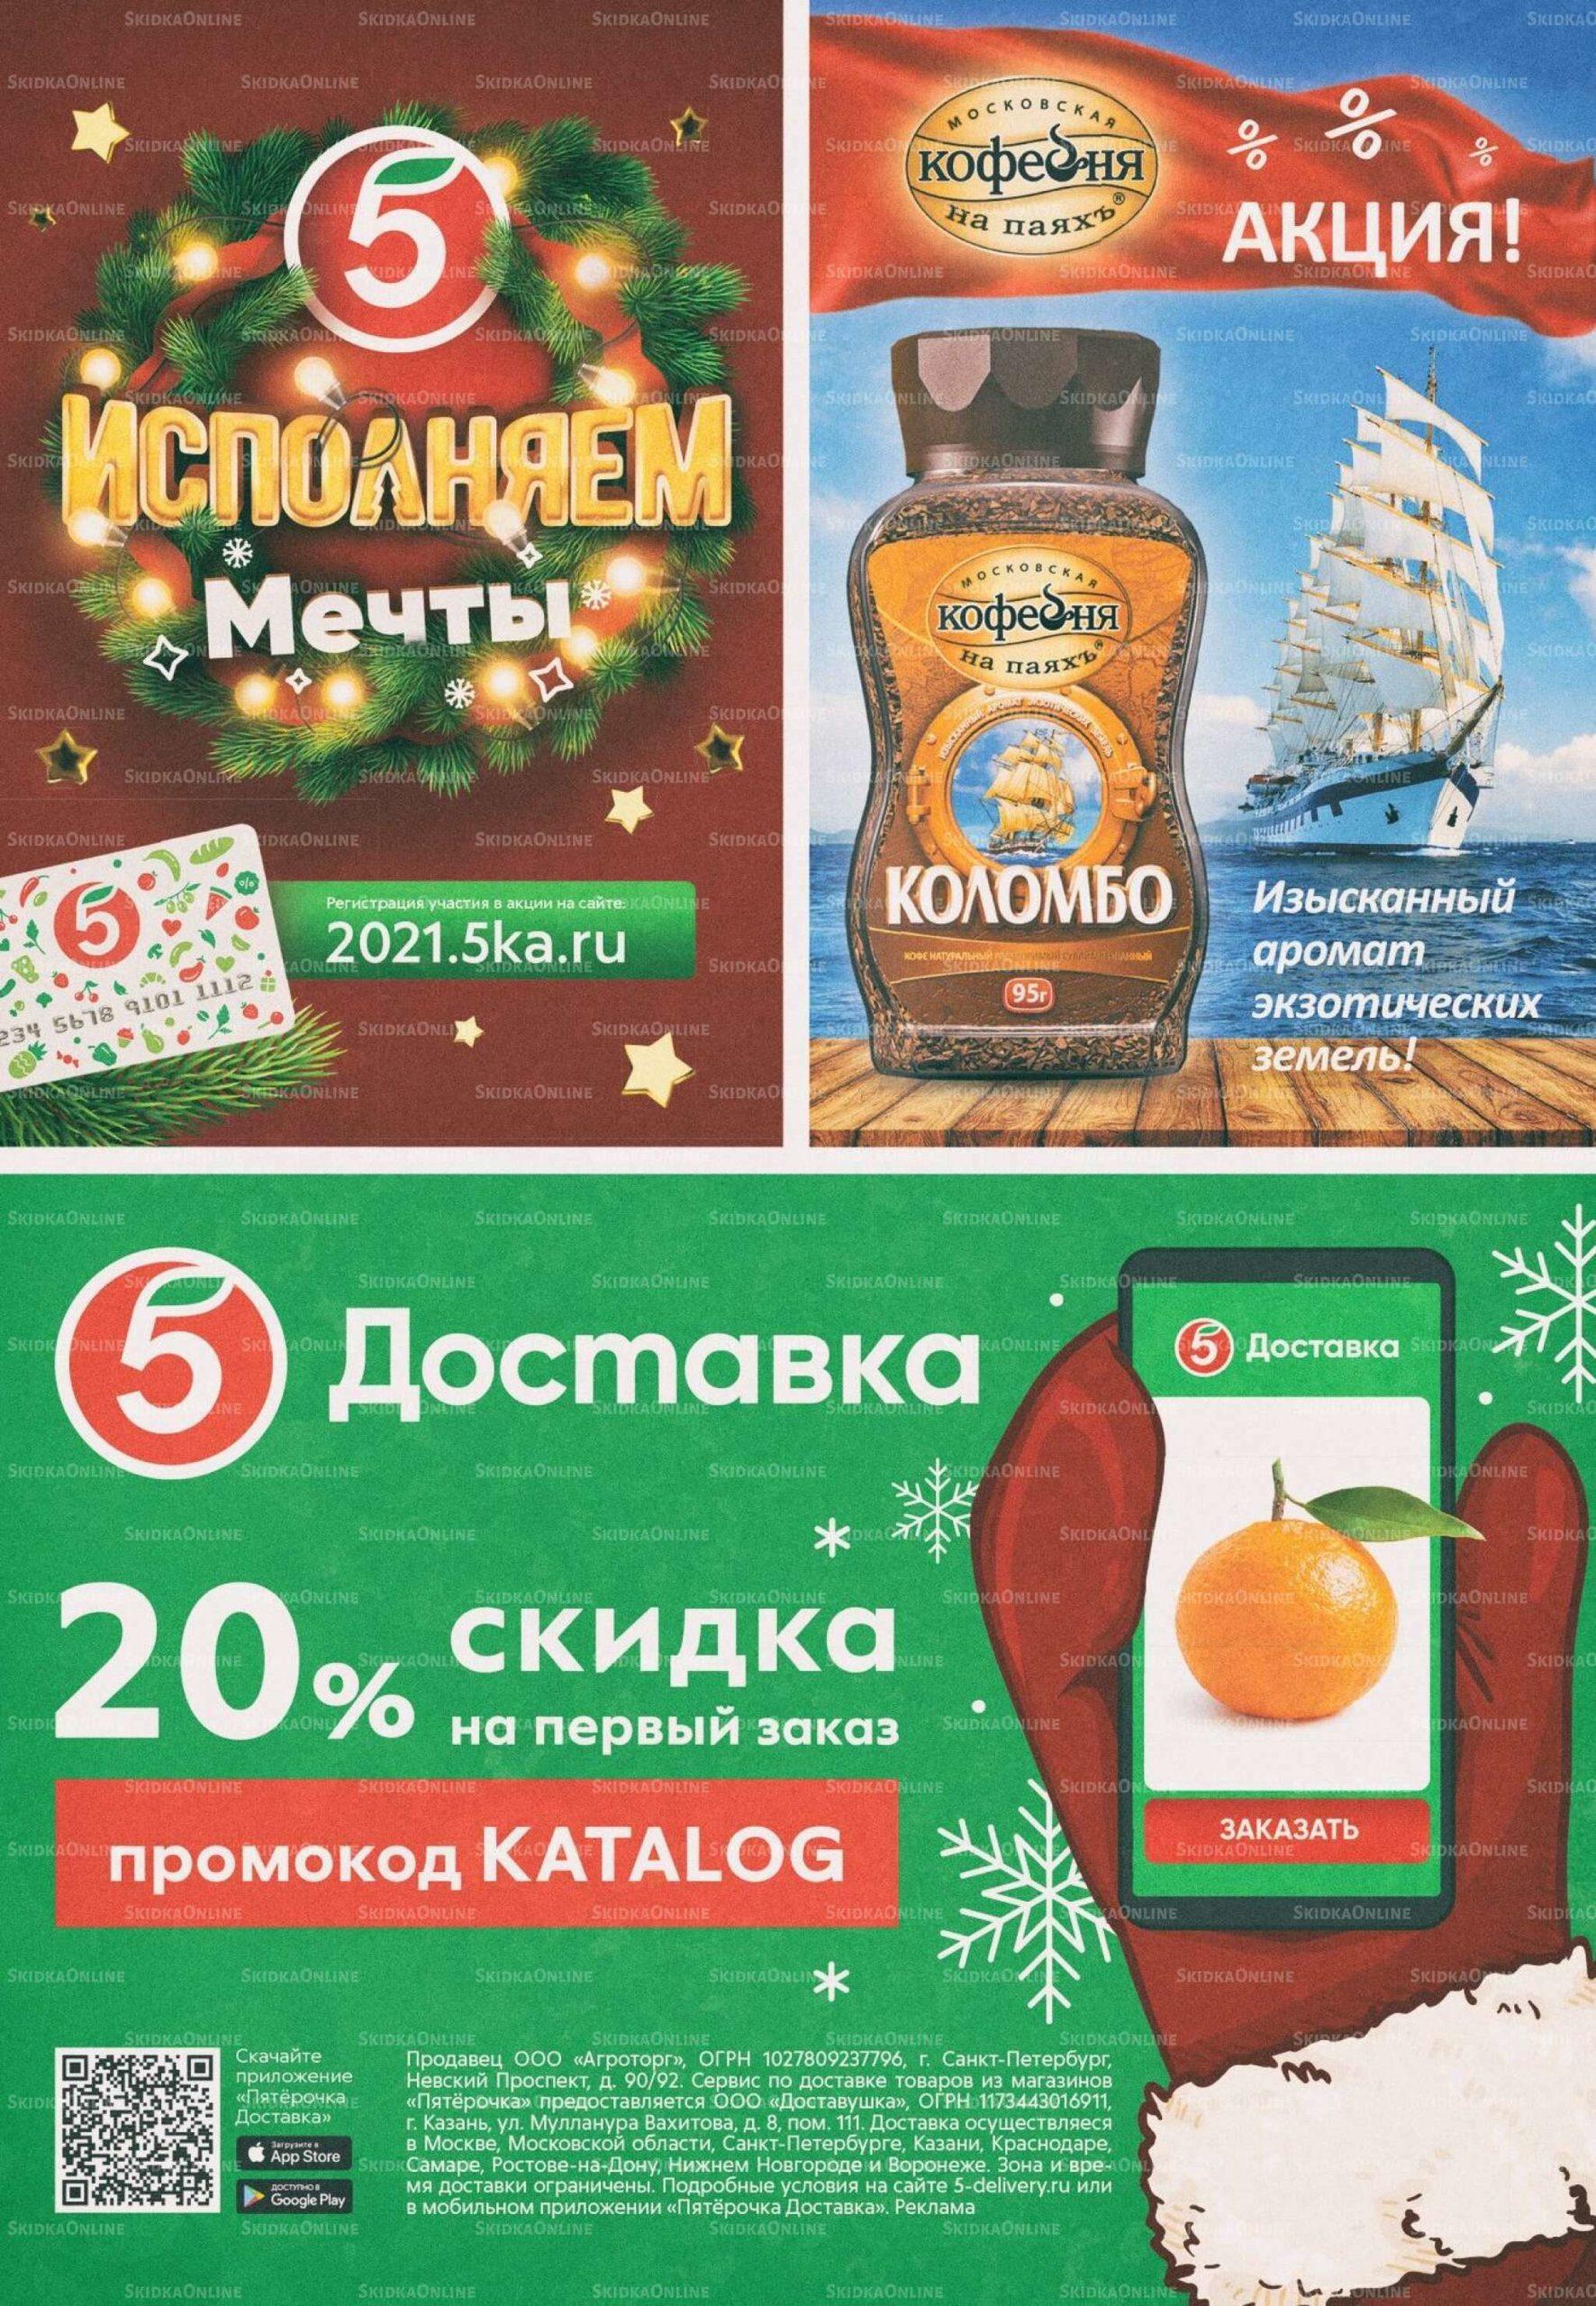 Акции в Пятёрочке с 22 по 28 декабря 2020 года